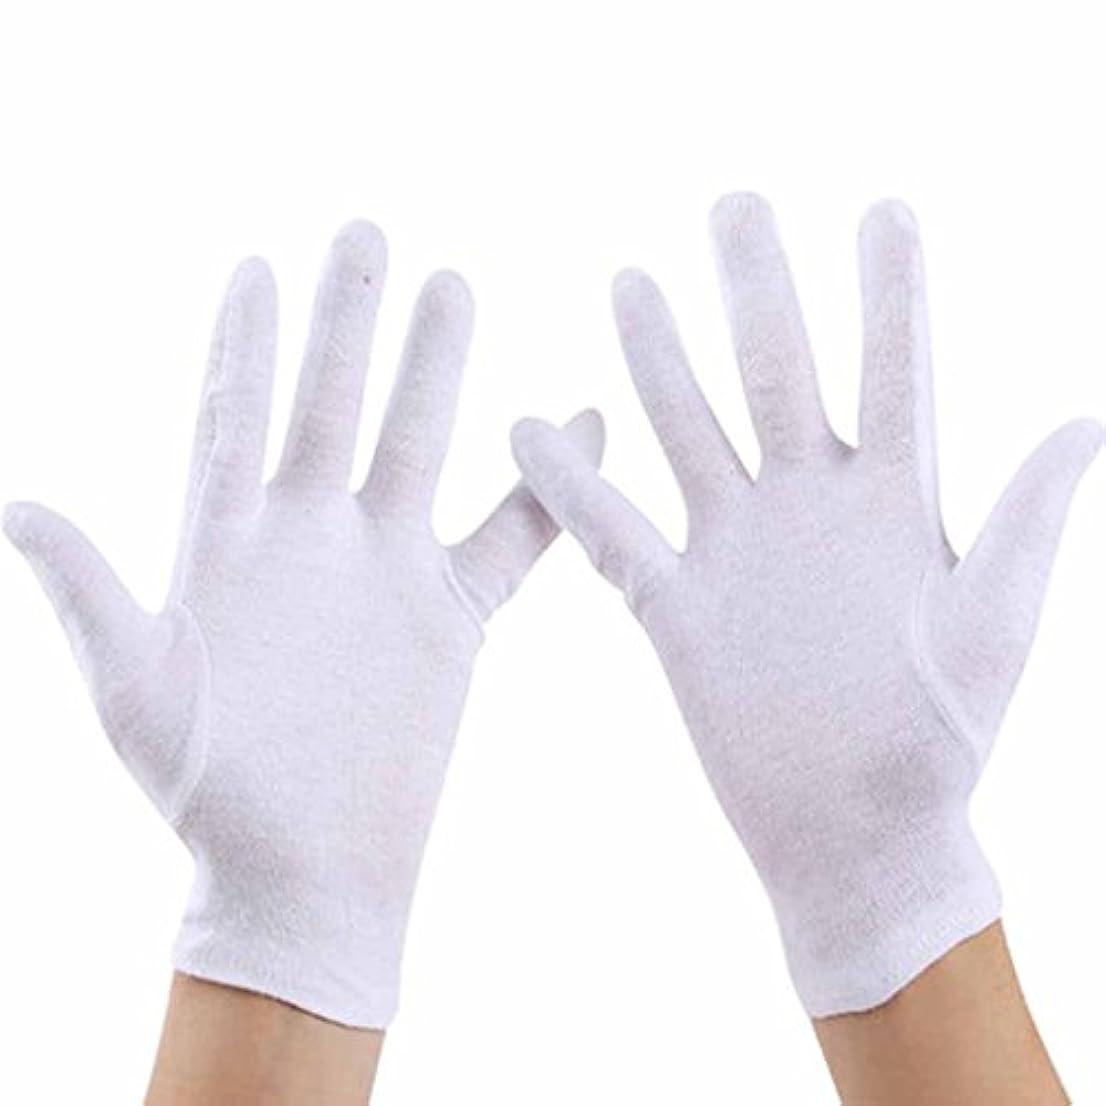 唯一リゾート立方体使い捨て手袋 ホワイトエチケットコットン手袋、快適で 吸収性手袋 (Size : L)